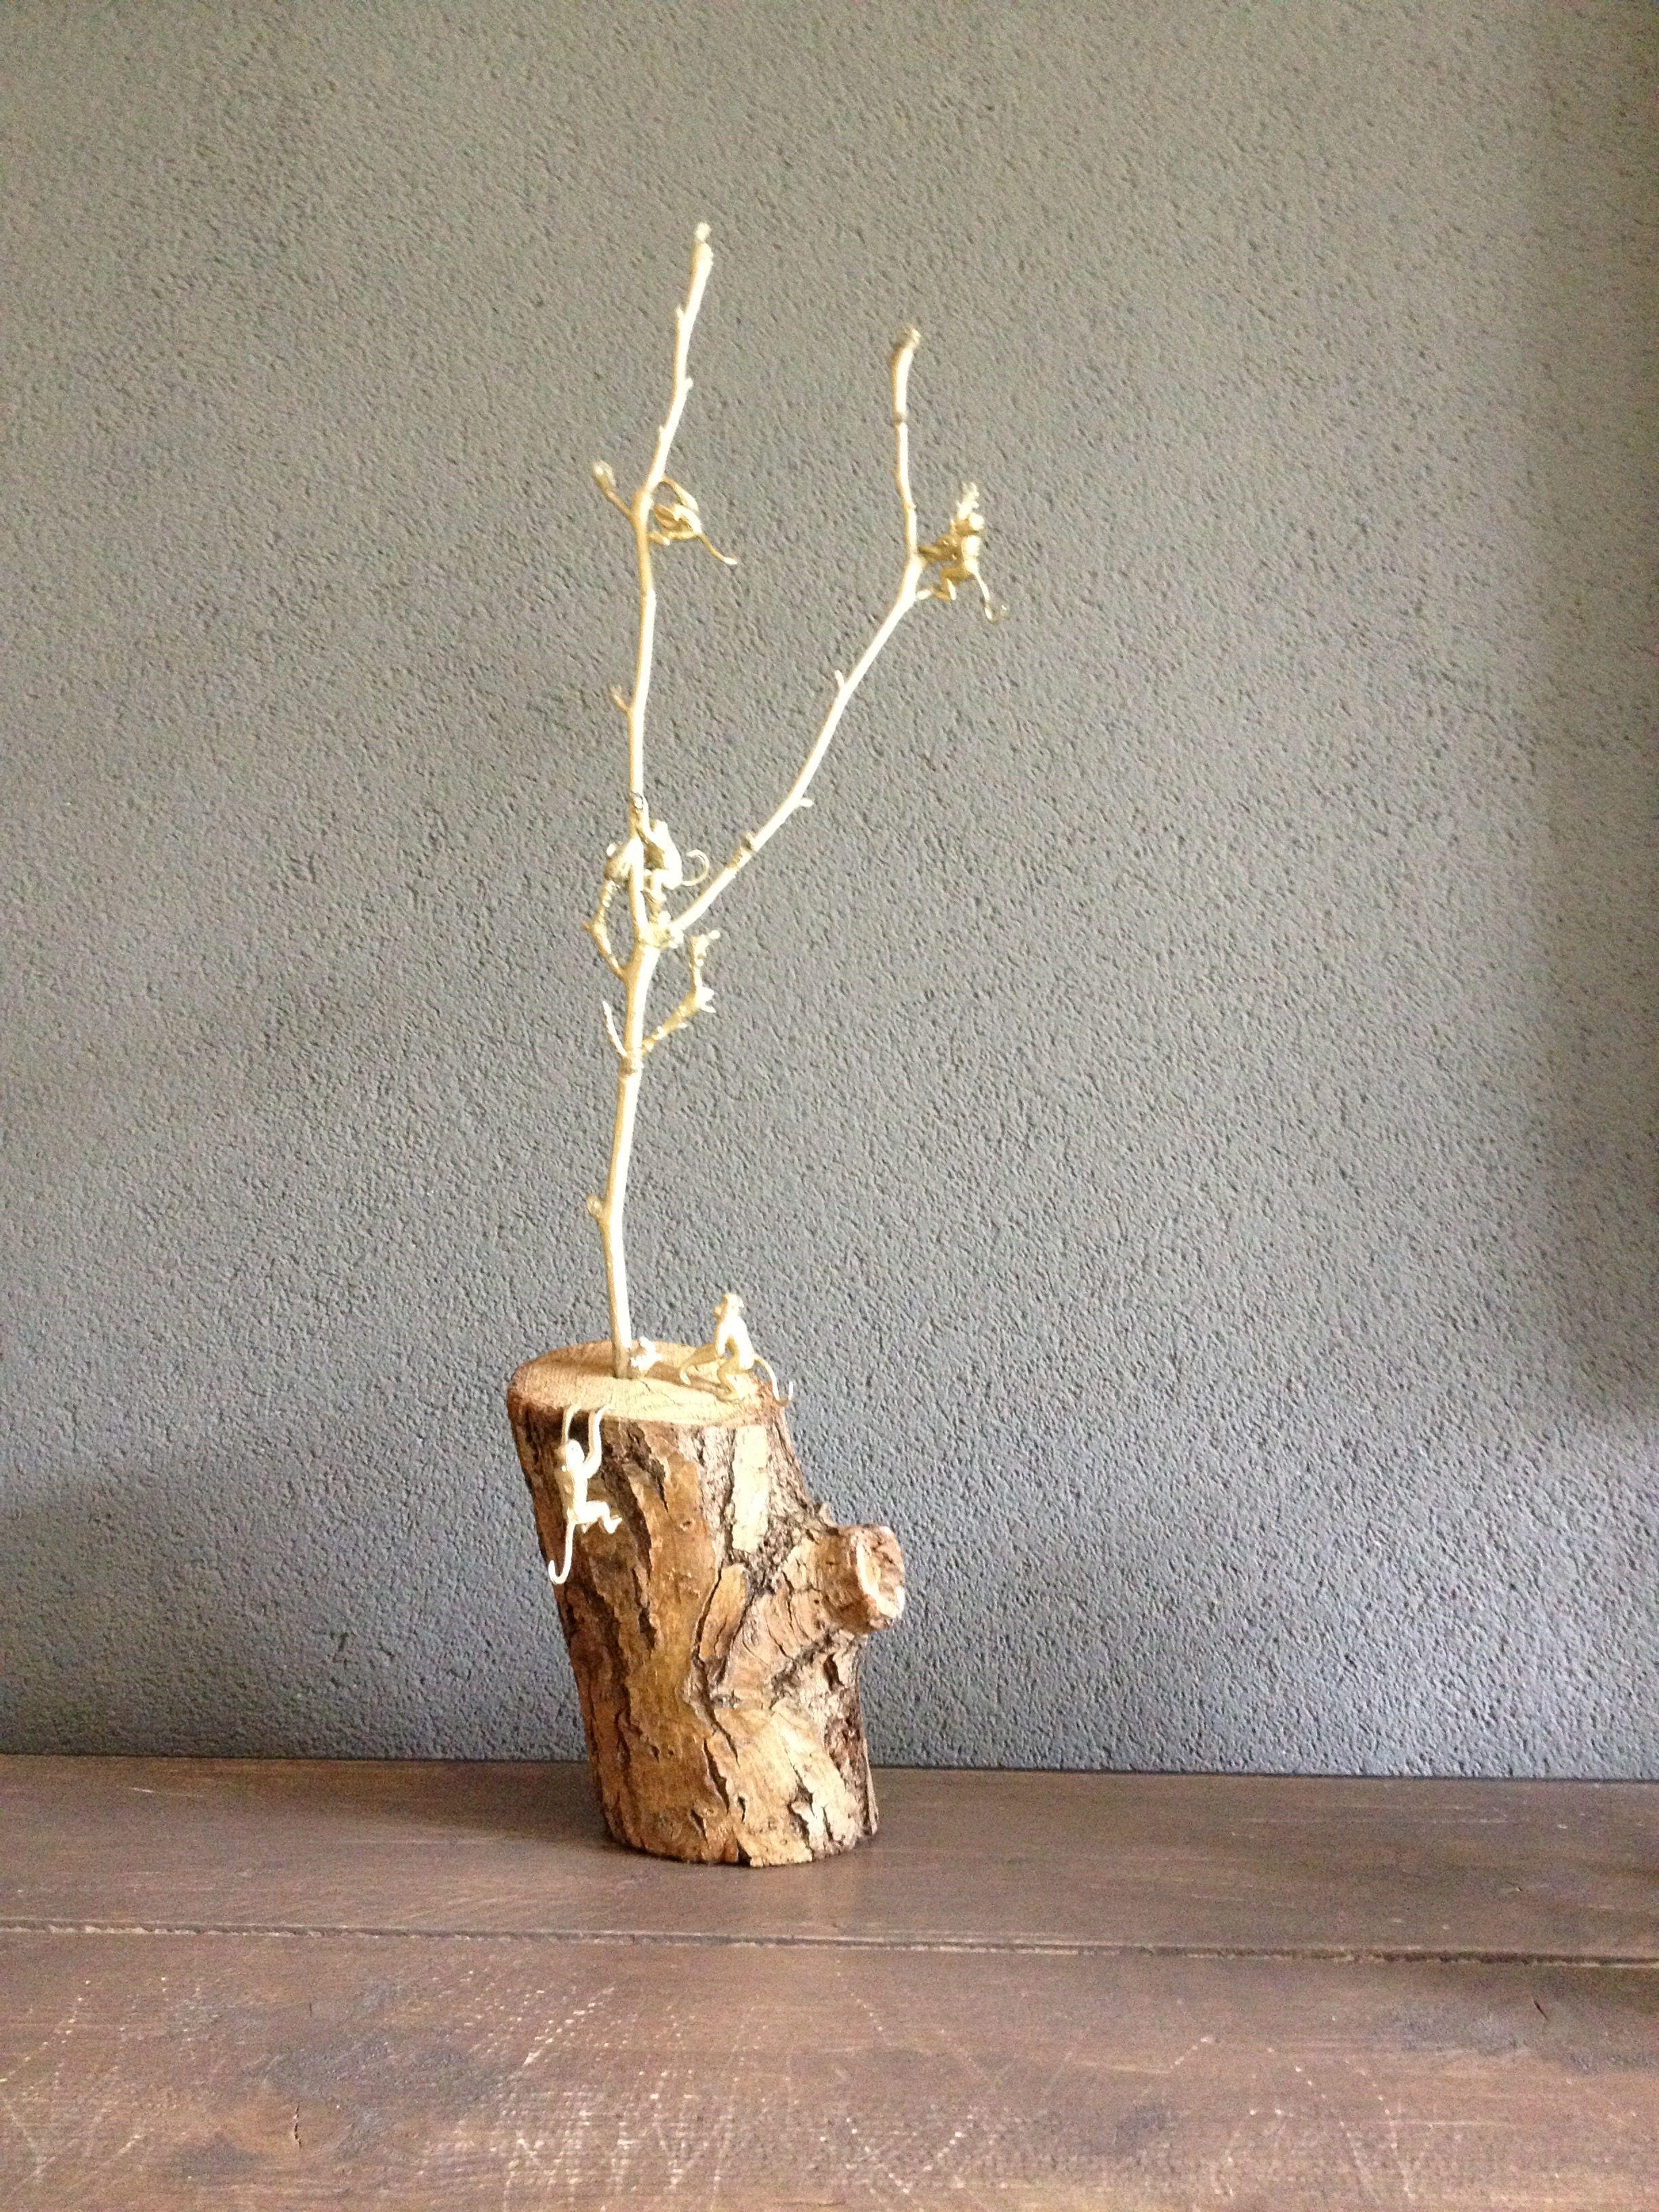 Goud gespoten Magnolia tak met aapjes op een boomstronk